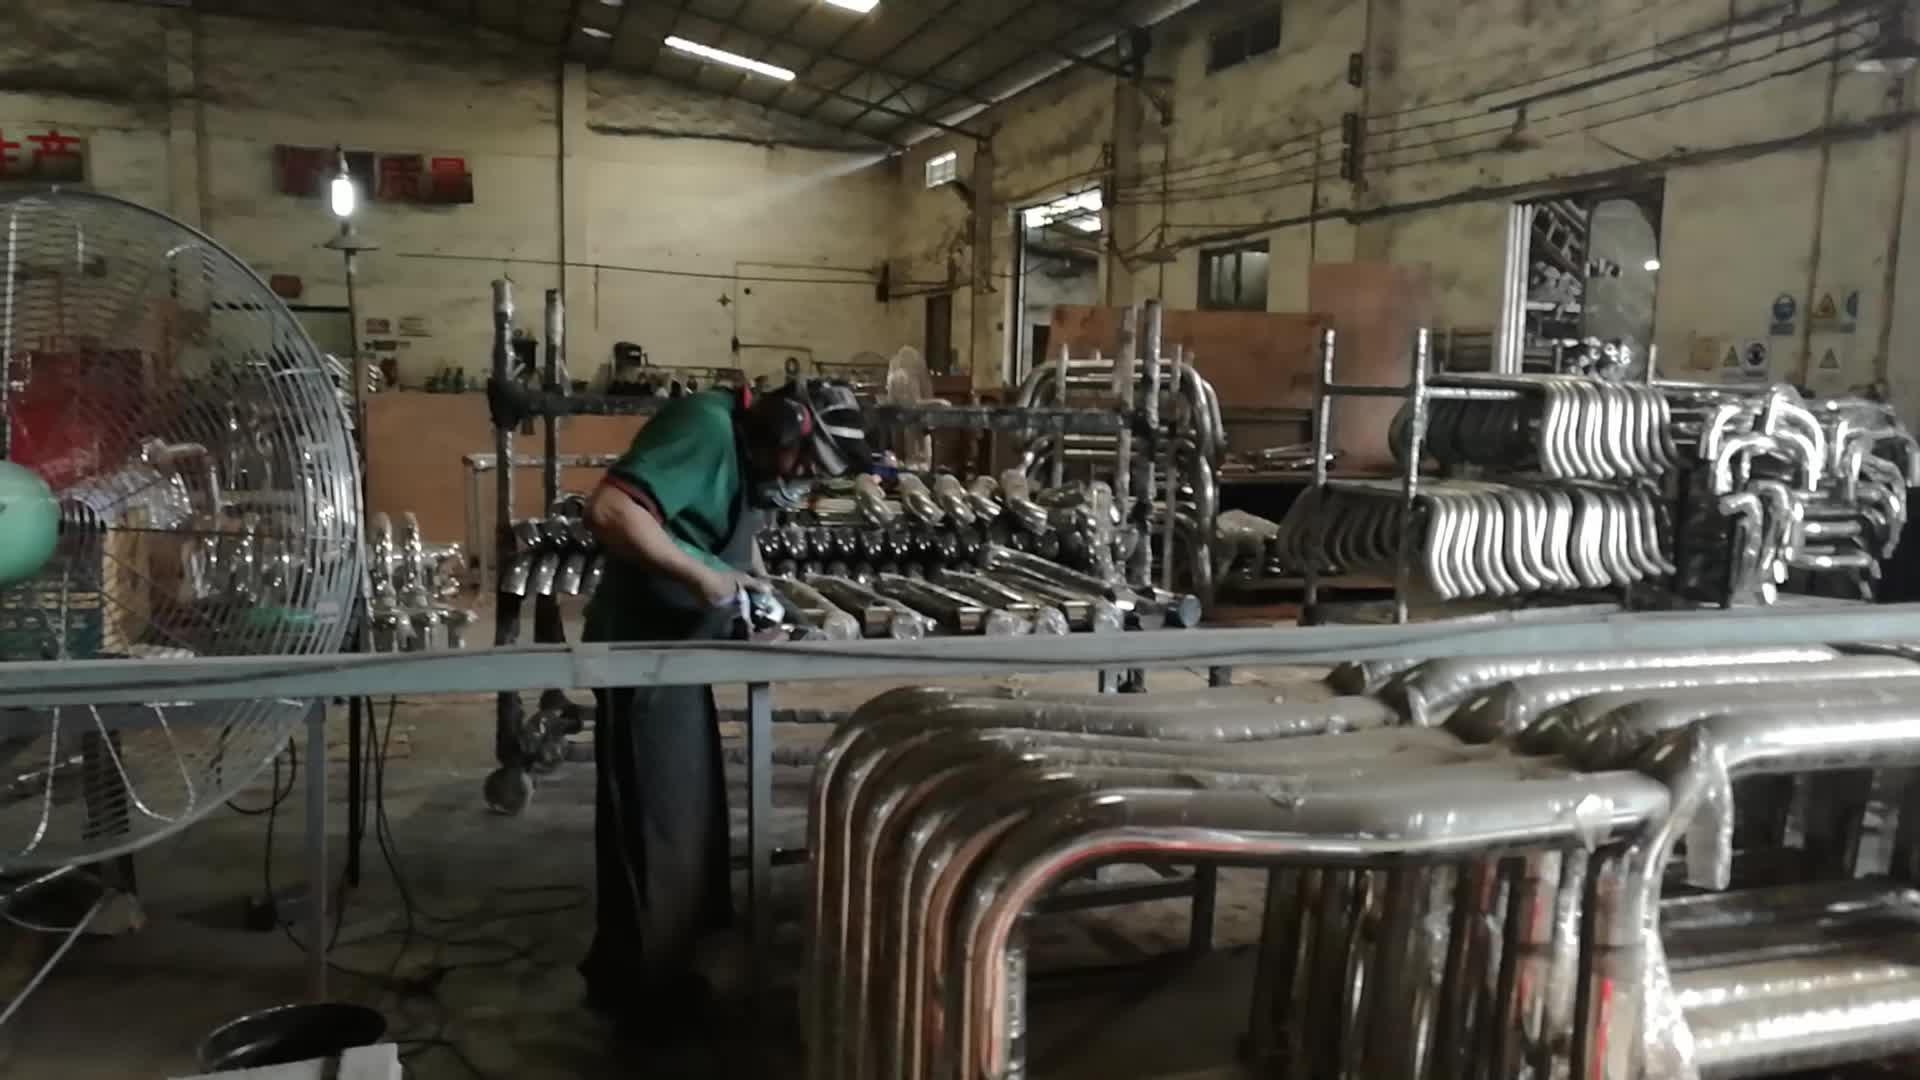 11 ปีโรงงานเหล็กม้วน Sport Bar สำหรับ HILUX Revo Np300 Triton DMAX 4x4 รถกระบะอุปกรณ์เสริม